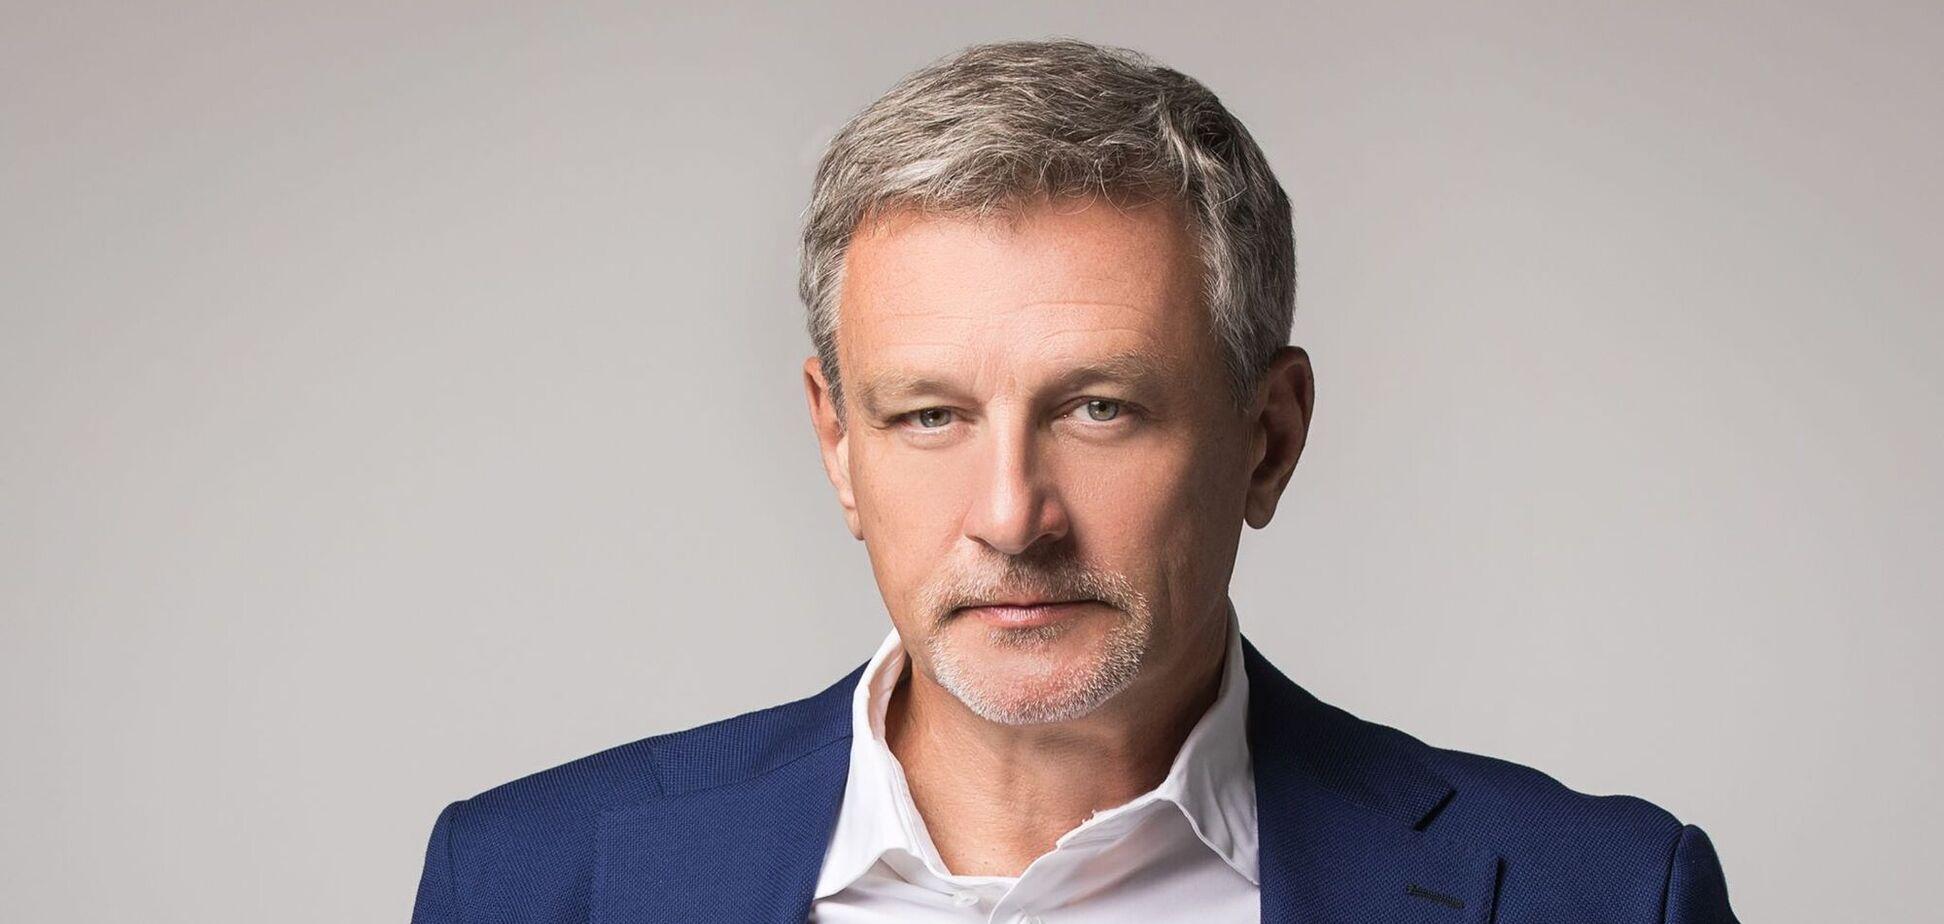 Пальчевський пристав на пропозицію висунути свою кандидатуру на посаду мера Києва. Фото: Місто